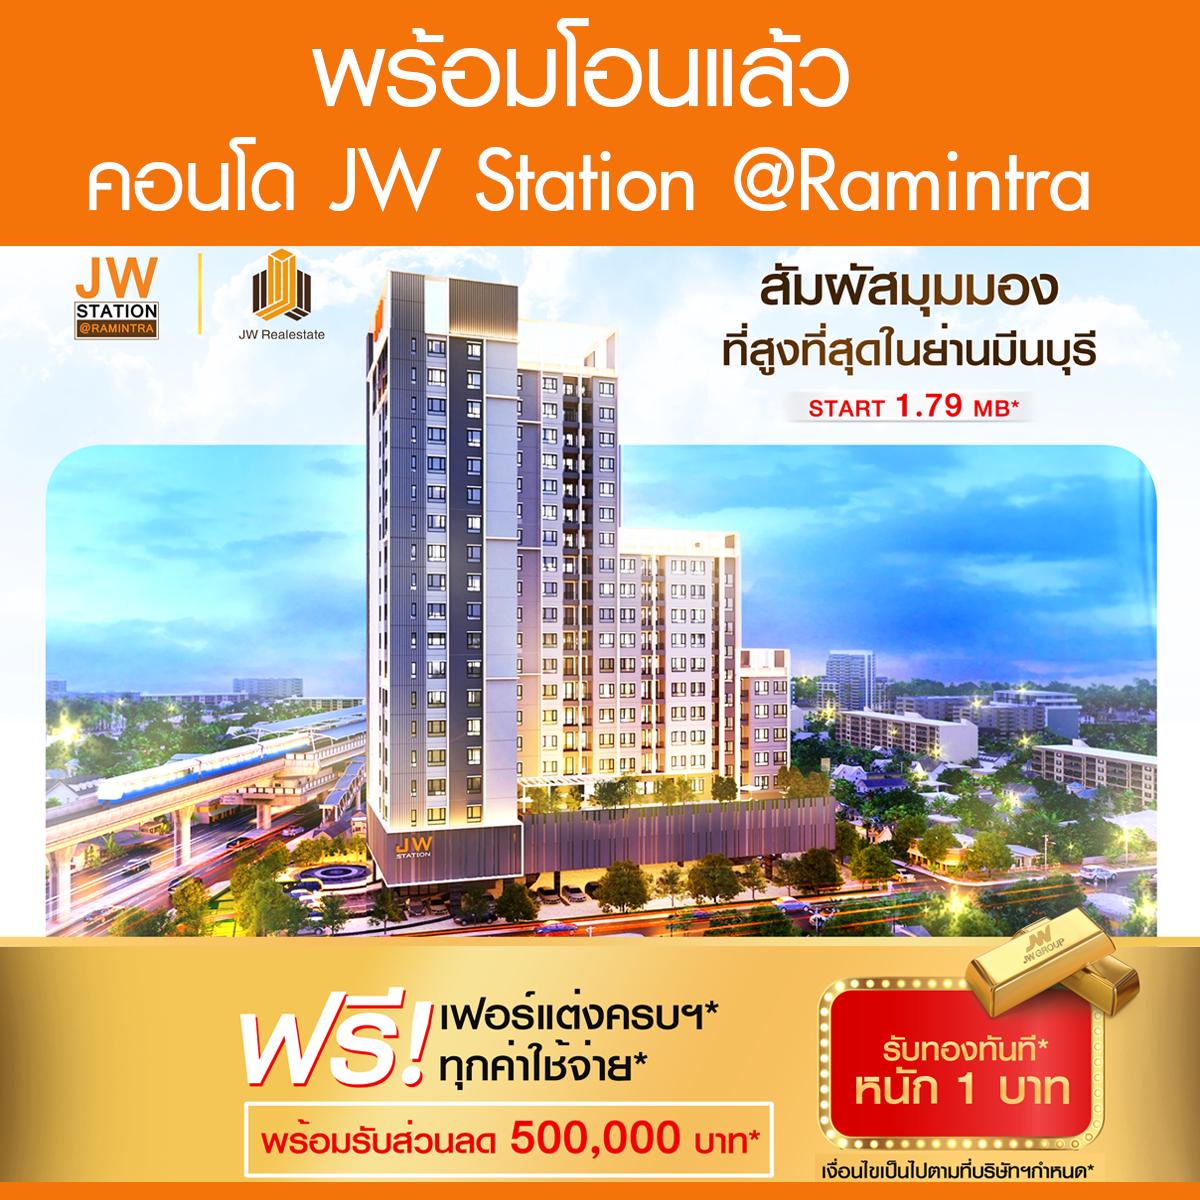 เจดับบลิว คอนโด Station @รามอินทรา มินบุรี พร้อมอยู่ พร้อมโอนพร้อมโปรโมชั่นสุดพิเศษ